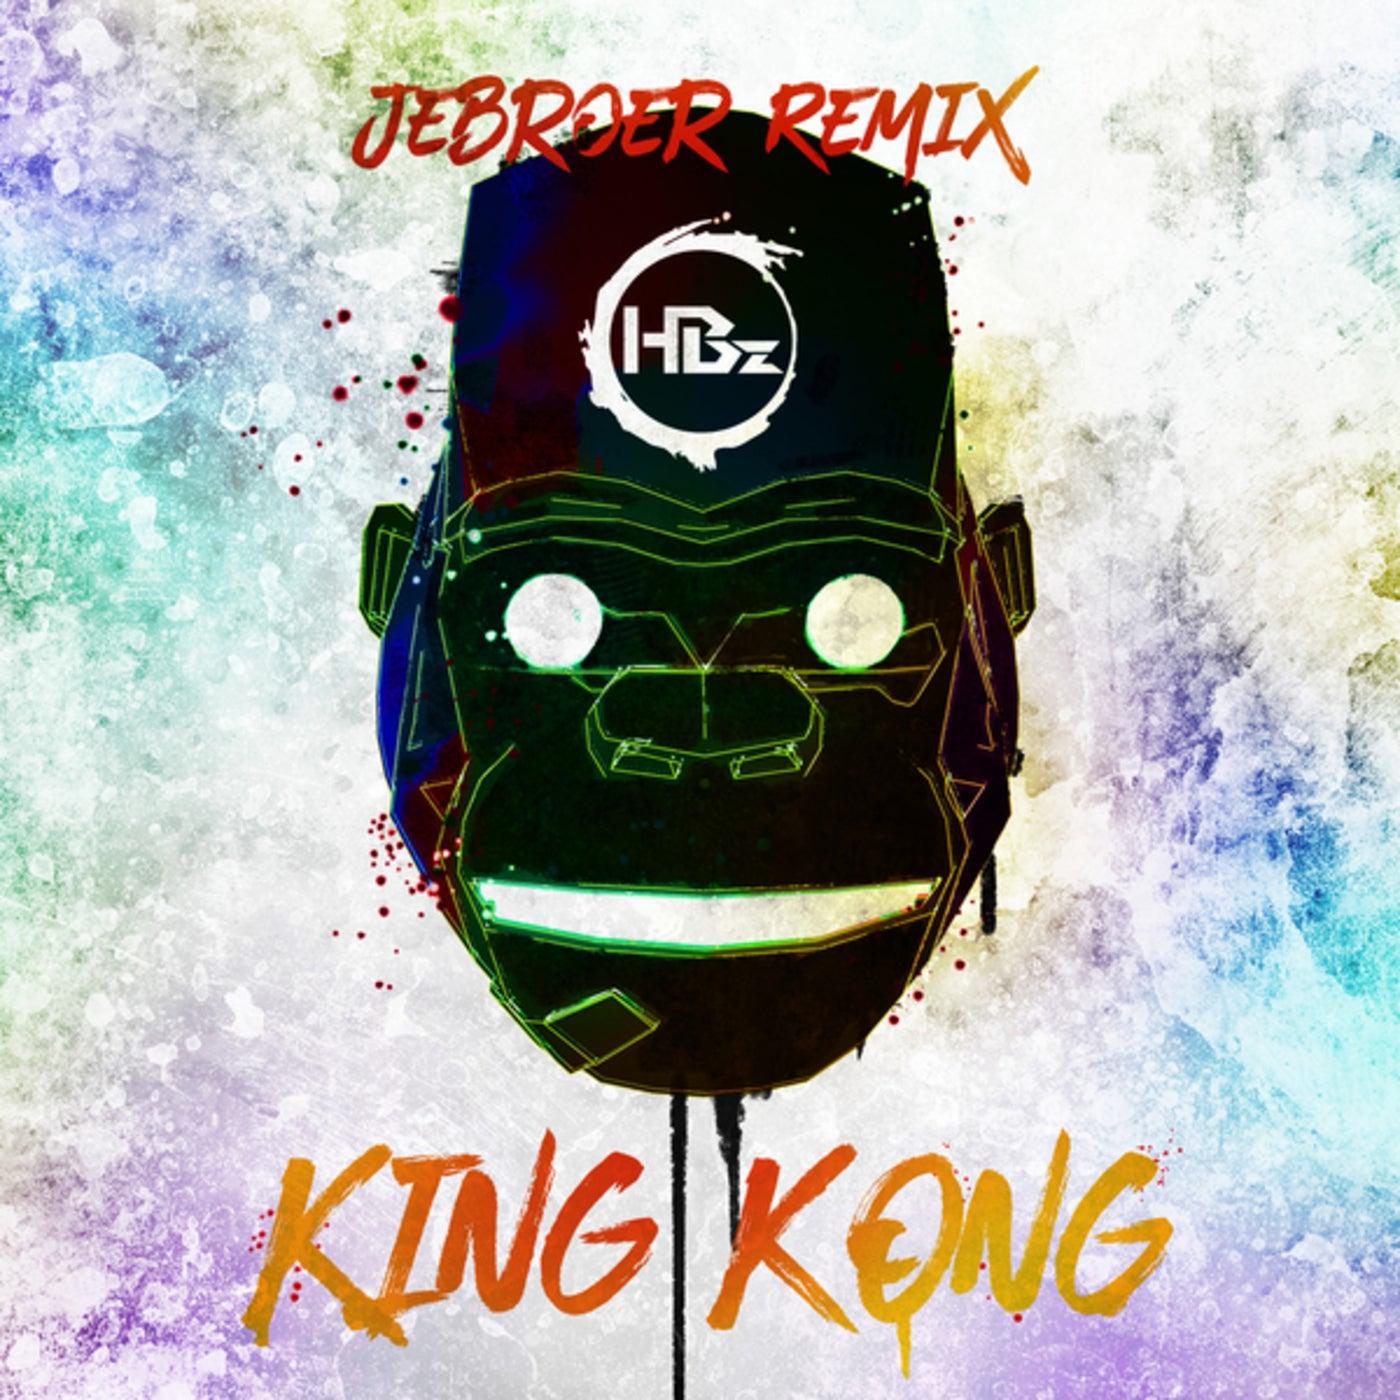 King Kong (Jebroer Extended Remix)